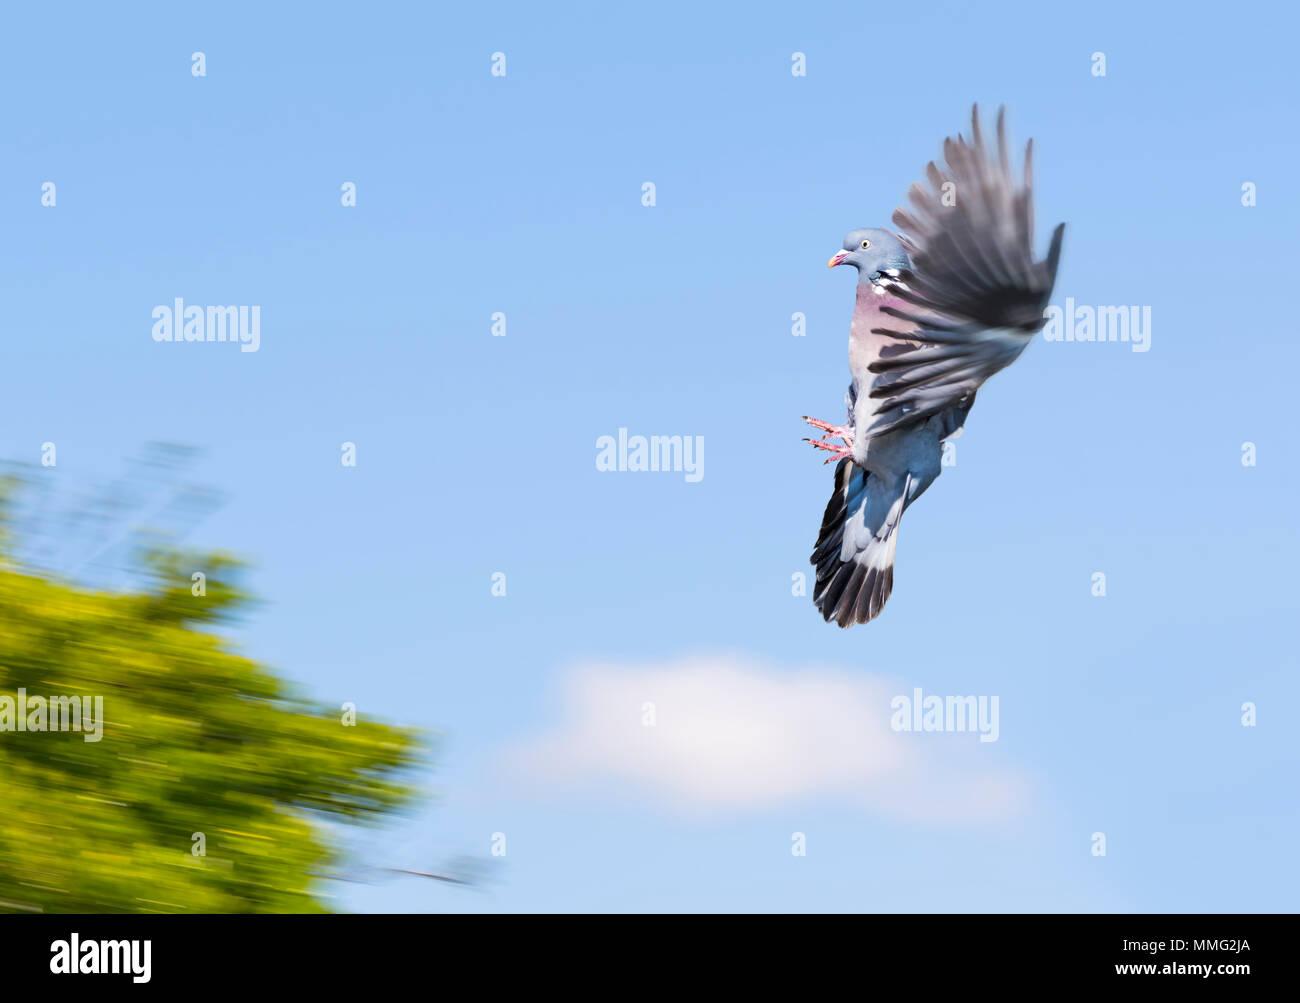 Il Colombaccio ( Columba palumbus) con ali fino congelati in aria contro il cielo blu e la venuta in terra su un albero, nel Regno Unito. Immagini Stock